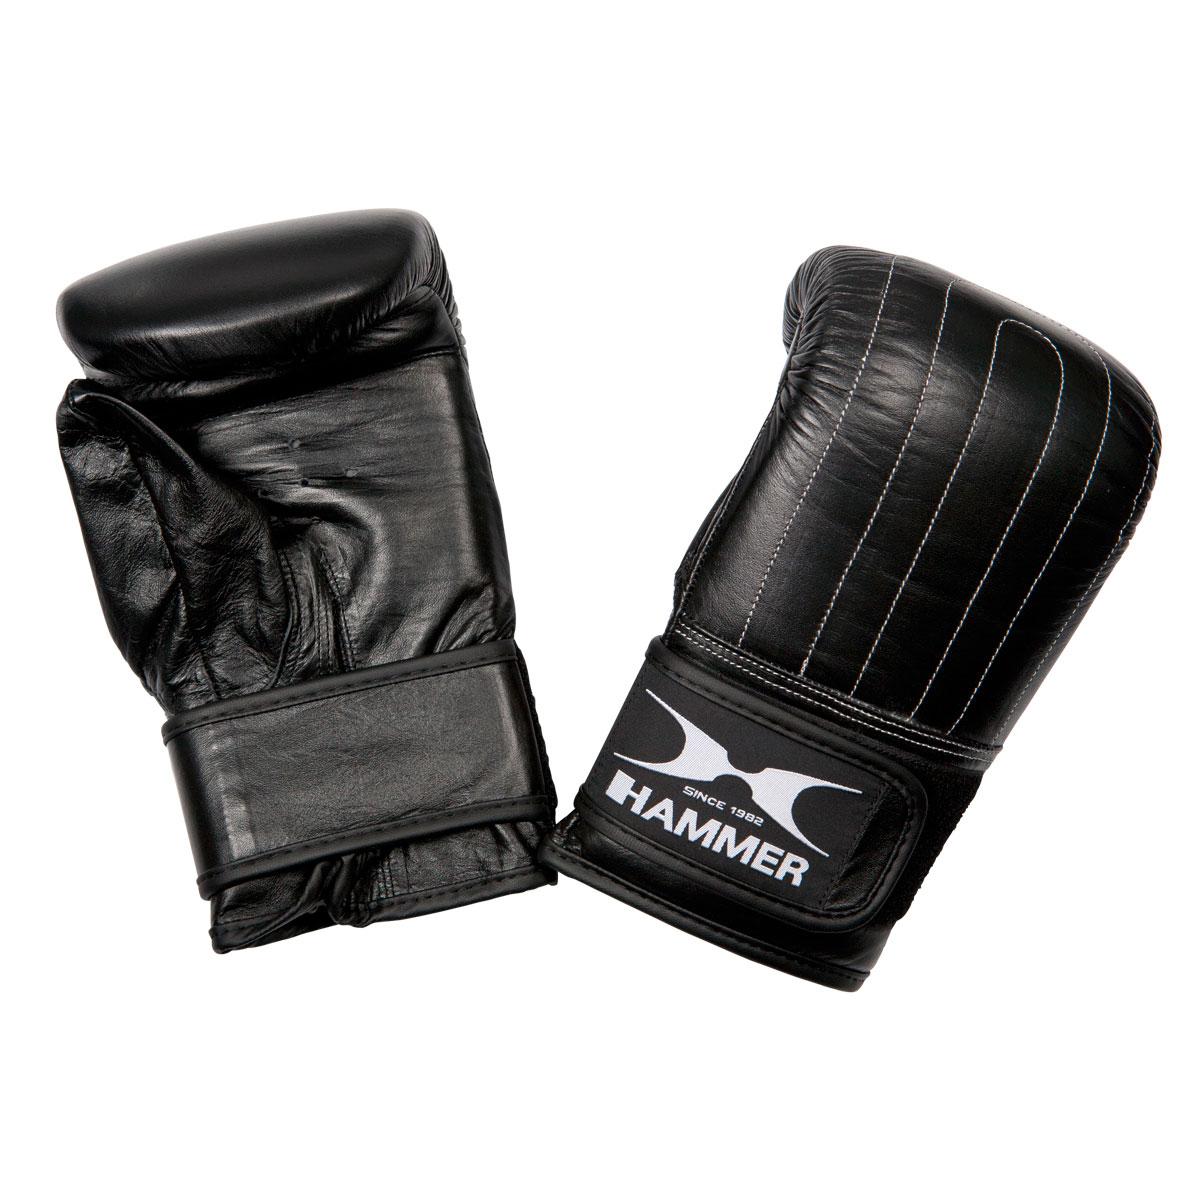 Billede af Hammer Boxing S-M (one size) Sandsækhandsker